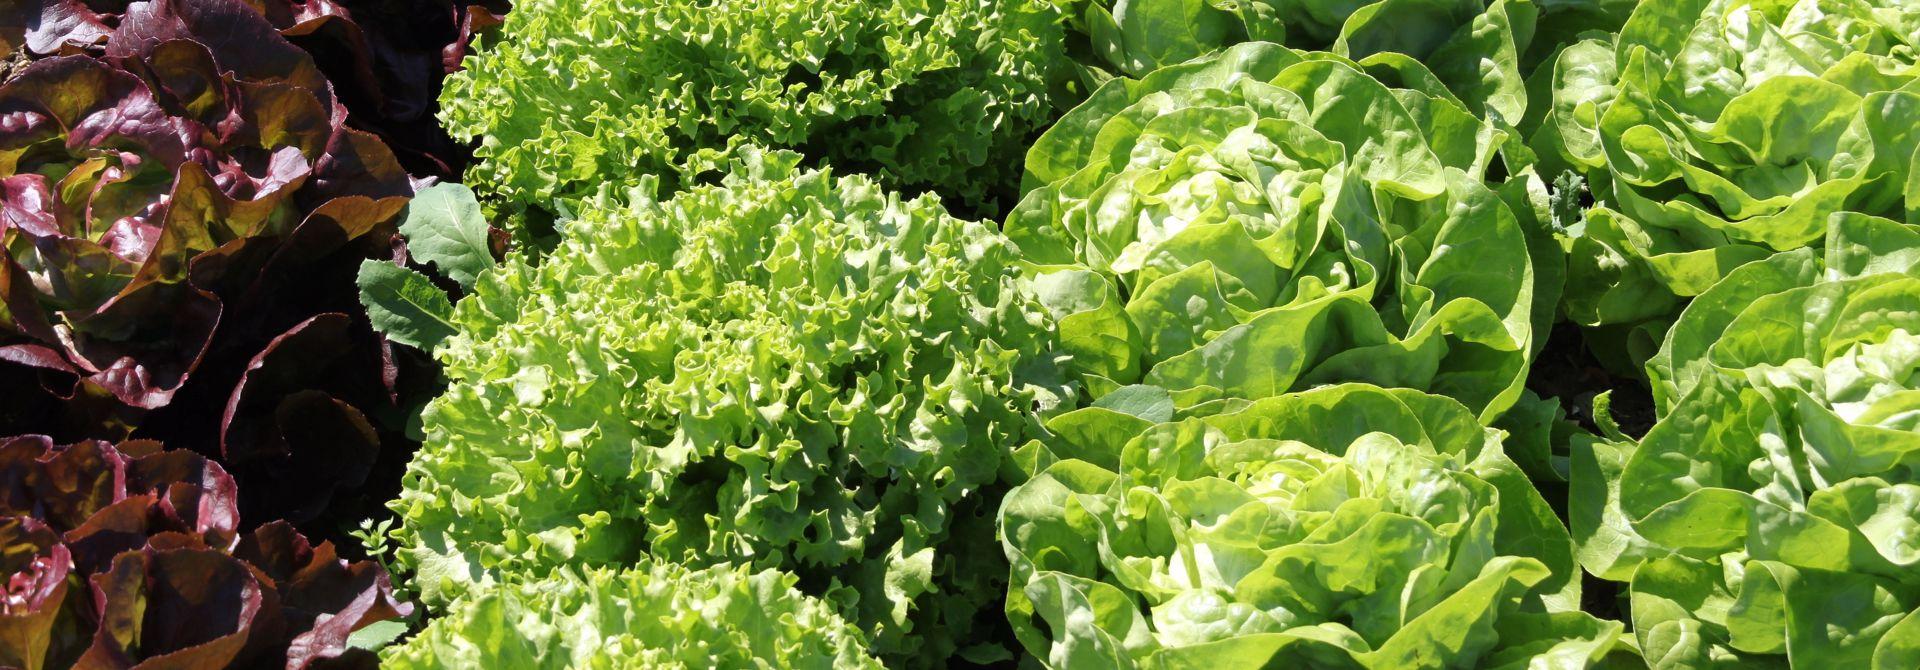 Salat aus dem eigenen Garten>